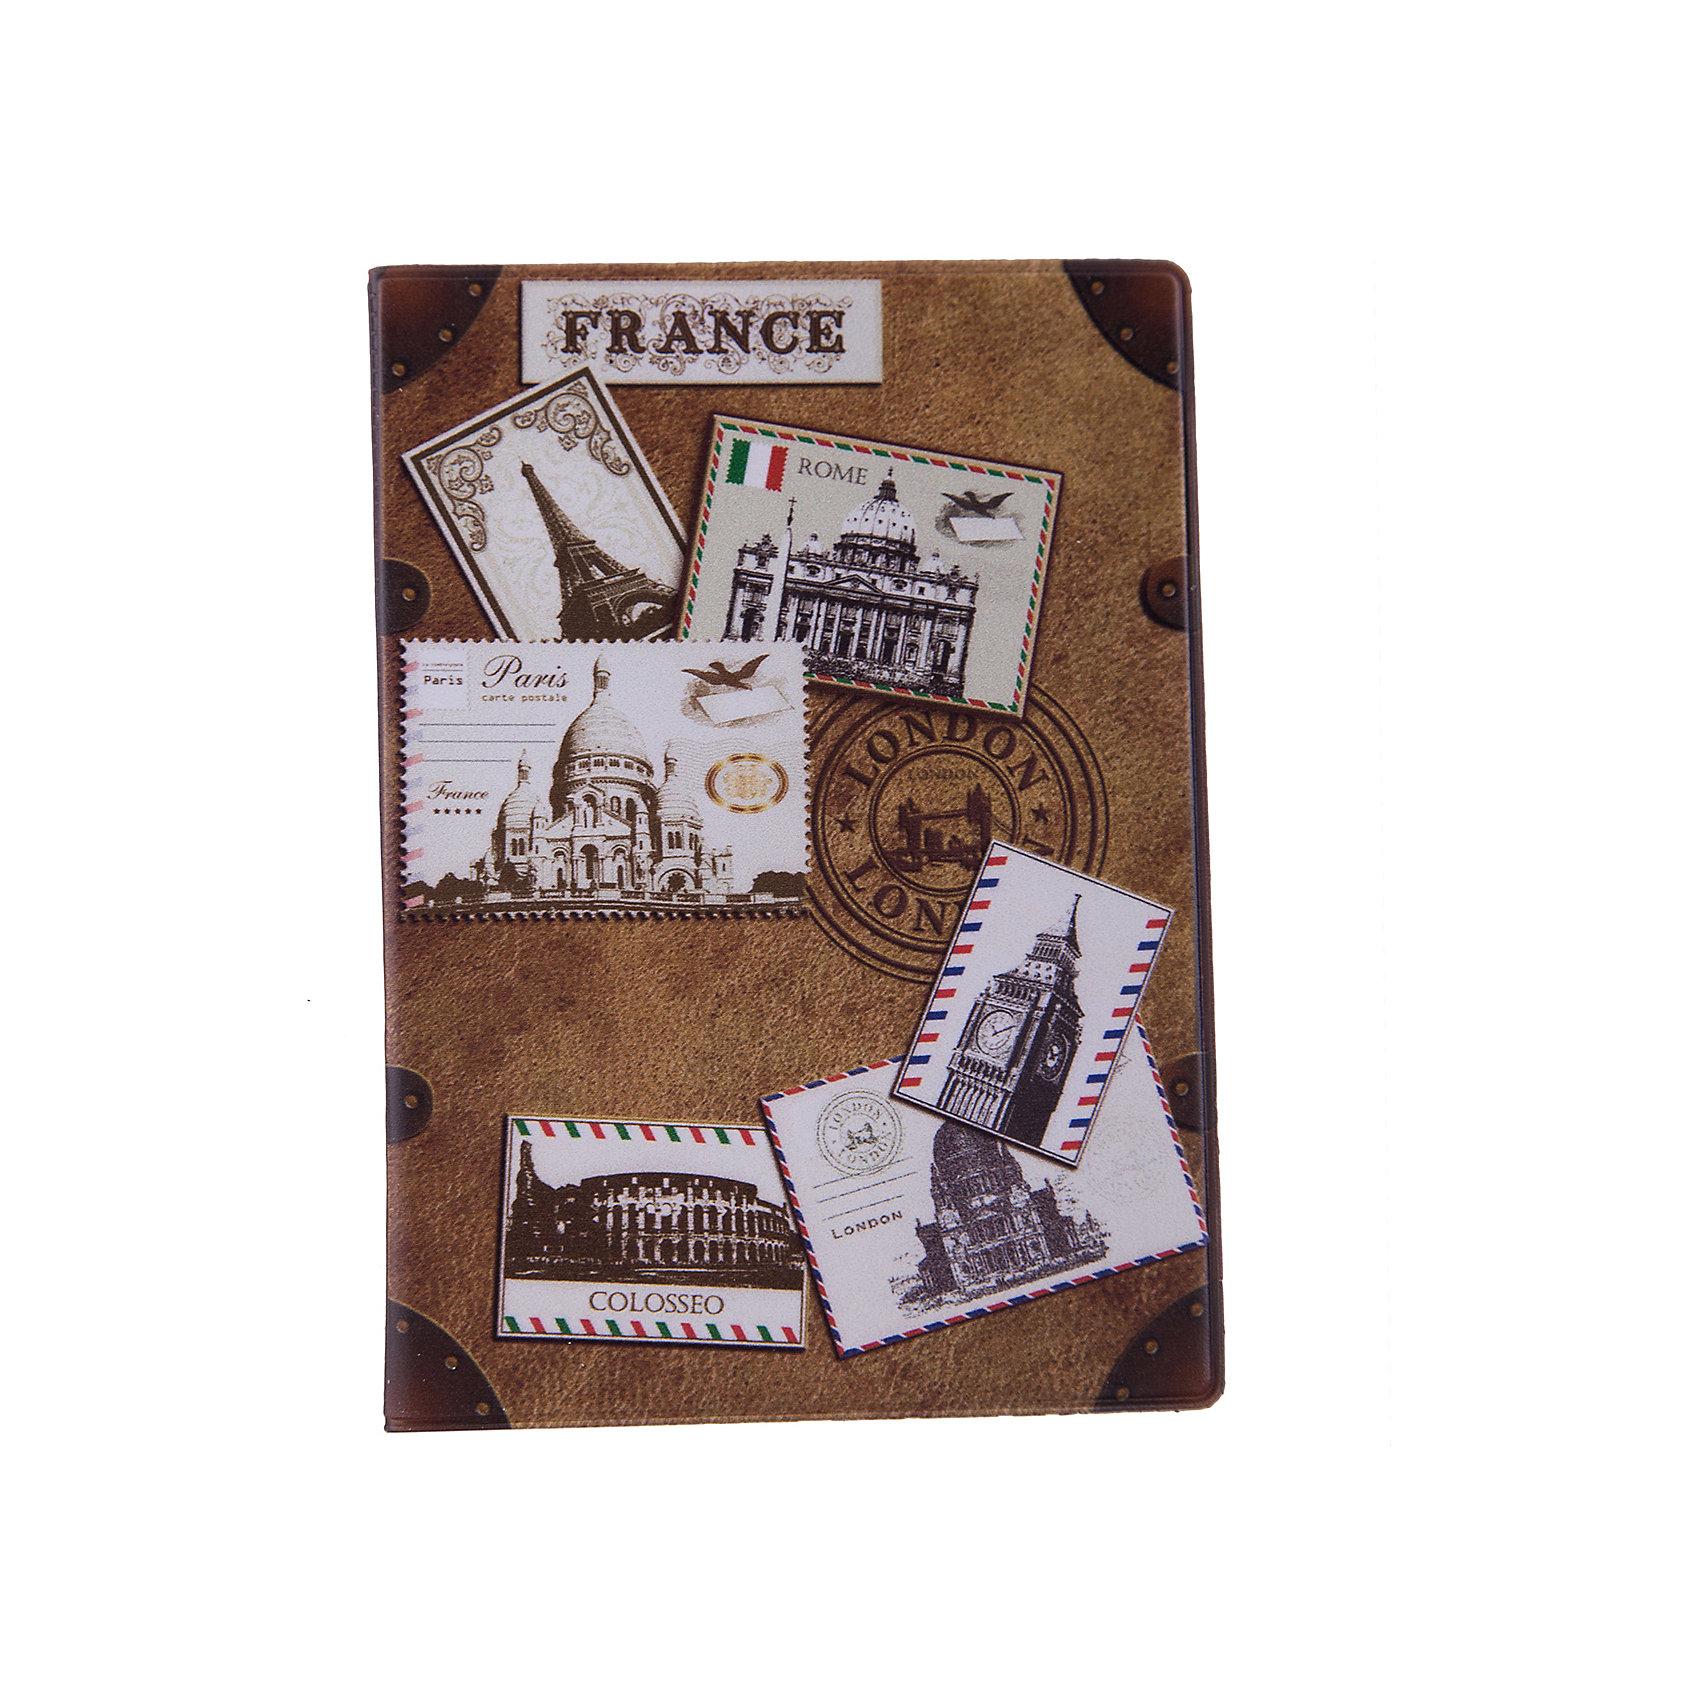 Обложка для паспорта Почтовые марки мира, Феникс-ПрезентВ дорогу<br>Обложка для паспорта Почтовые марки мира, Феникс-Презент <br><br>Характеристики:<br><br>• оригинальный дизайн<br>• высокая прочность<br>• размер: 13,3х19,1 см<br>• материал: ПВХ<br><br>Стильная обложка для паспорта надежно защитит ваши документы от механических повреждений, а также подчеркнет индивидуальность образа. Изделие выполнено из износостойкого поливинилхлорида и оформлено красочным рисунков с изображением различных почтовых марок.<br><br>Обложку для паспорта Почтовые марки мира, Феникс-Презент вы можете купить в нашем интернет-магазине.<br><br>Ширина мм: 133<br>Глубина мм: 191<br>Высота мм: 50<br>Вес г: 35<br>Возраст от месяцев: 168<br>Возраст до месяцев: 2147483647<br>Пол: Унисекс<br>Возраст: Детский<br>SKU: 5449611